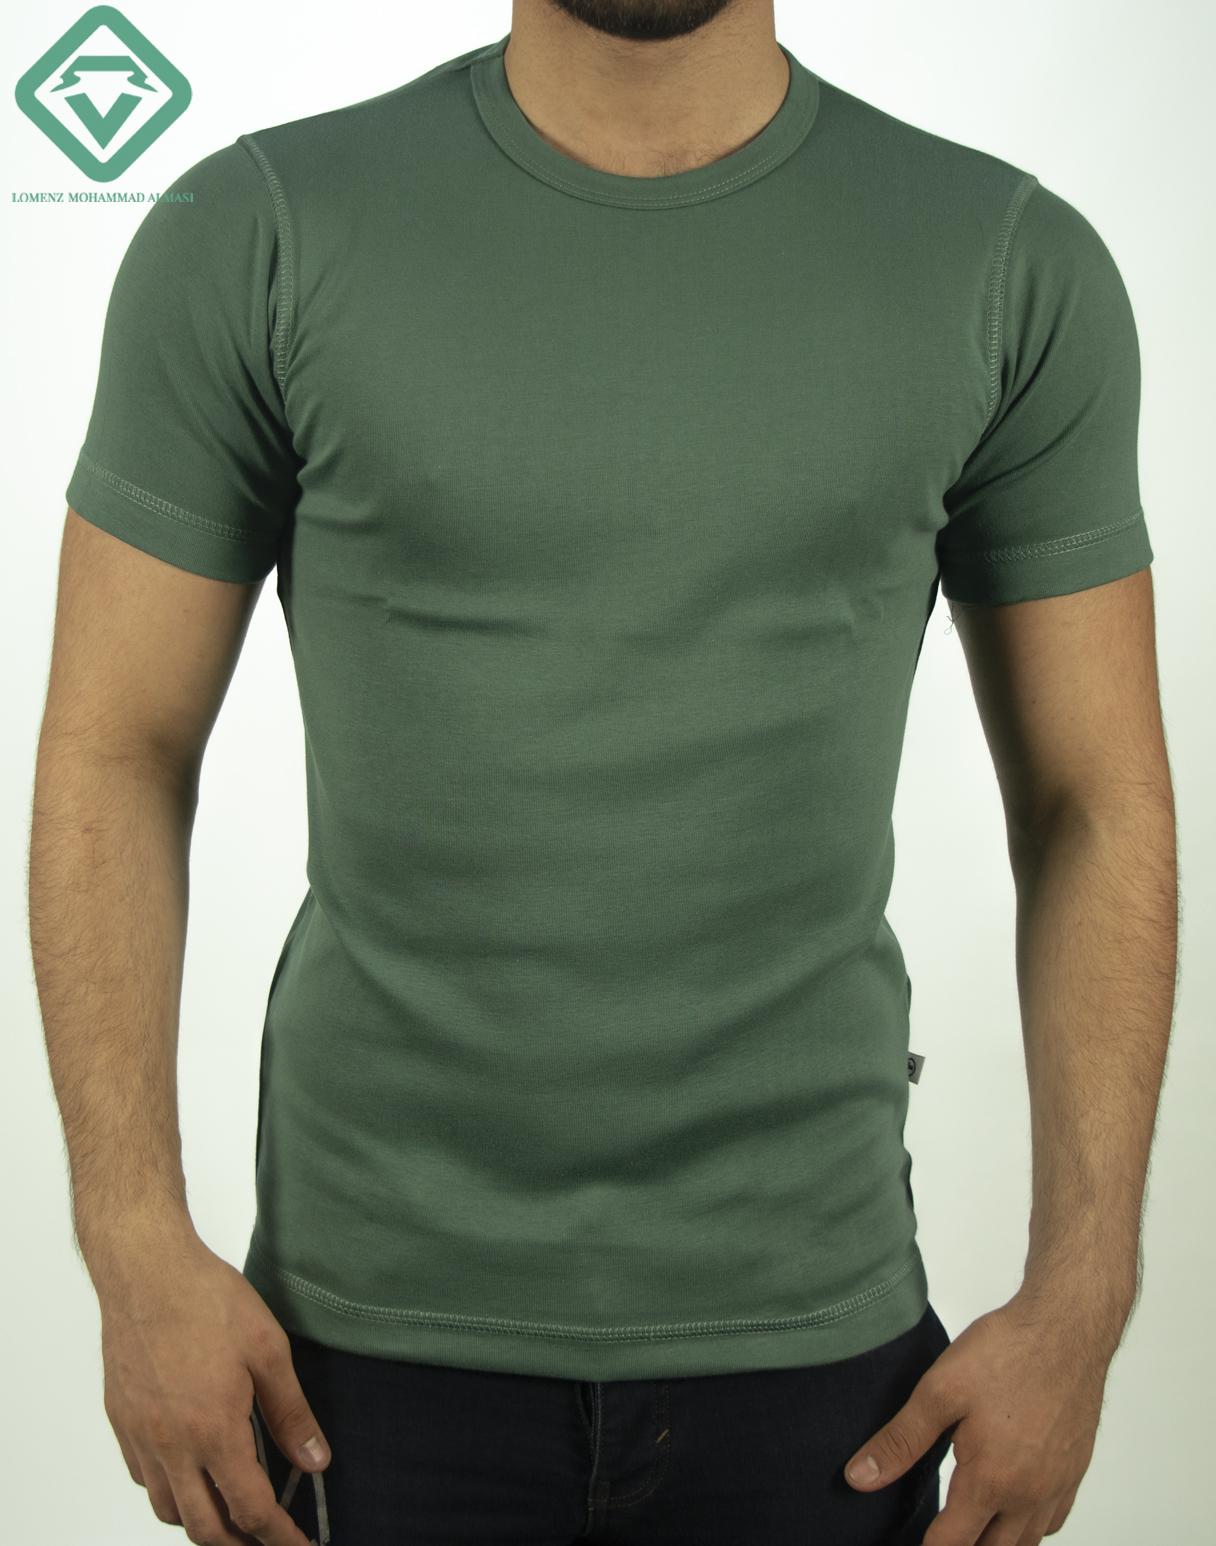 تیشرت تام تیلور رنگ سبز لجنی | فروشگاه لومنز